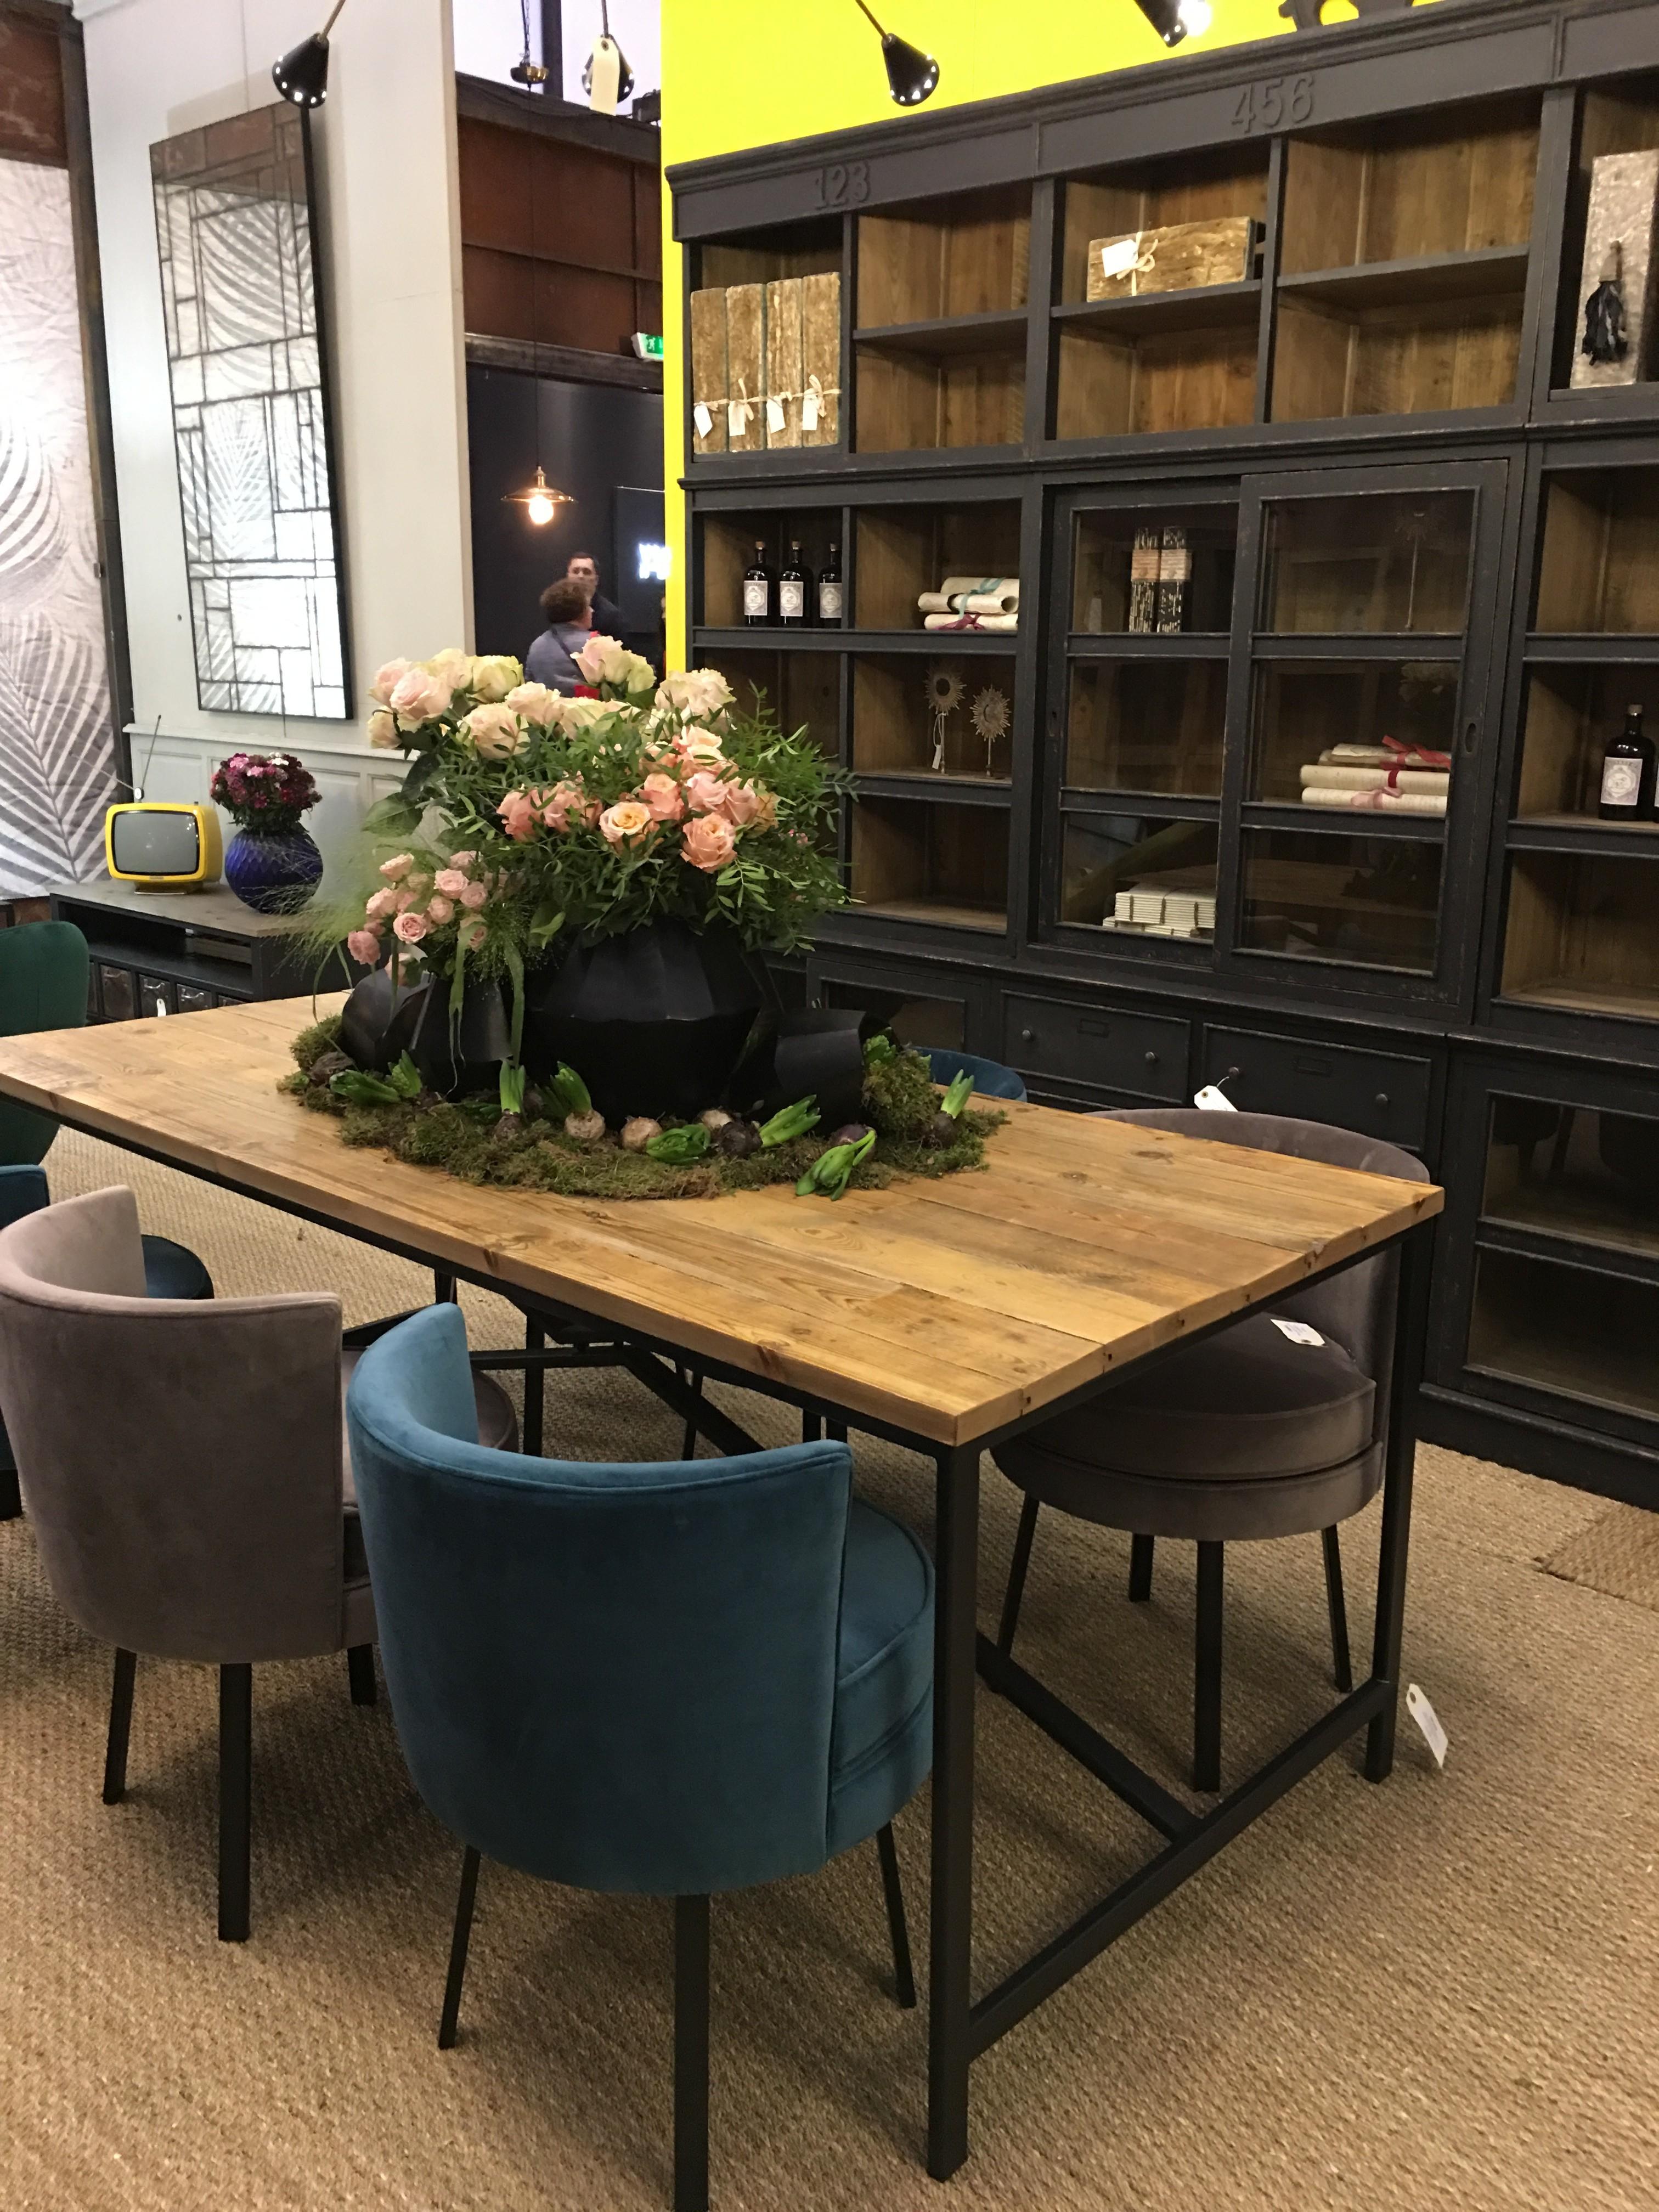 Le velours s'imposera également dans une salle à manger de style industriel, grâce à des chaises fauteuils